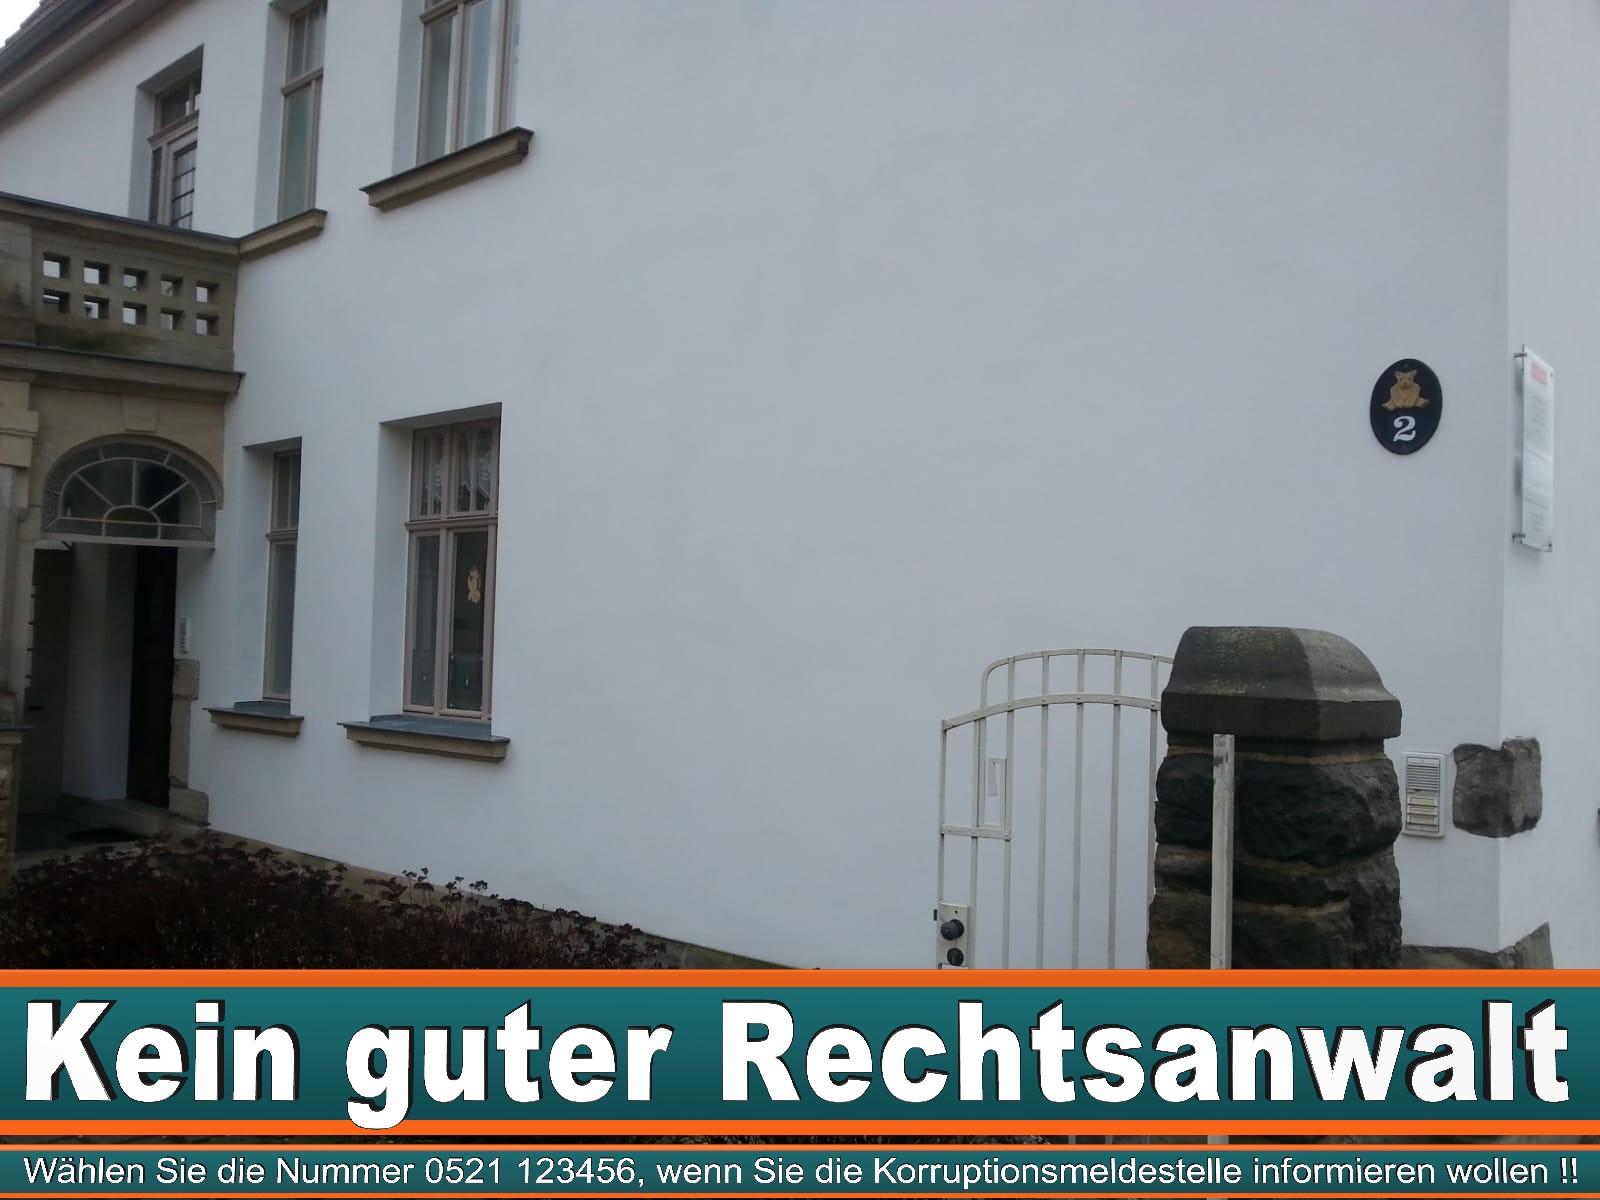 Rechtsanwaltskanzlei Stephan Claus Marienstrasse 2 Neustadt Rechtsanwalt Stephan Claus 0 (3)